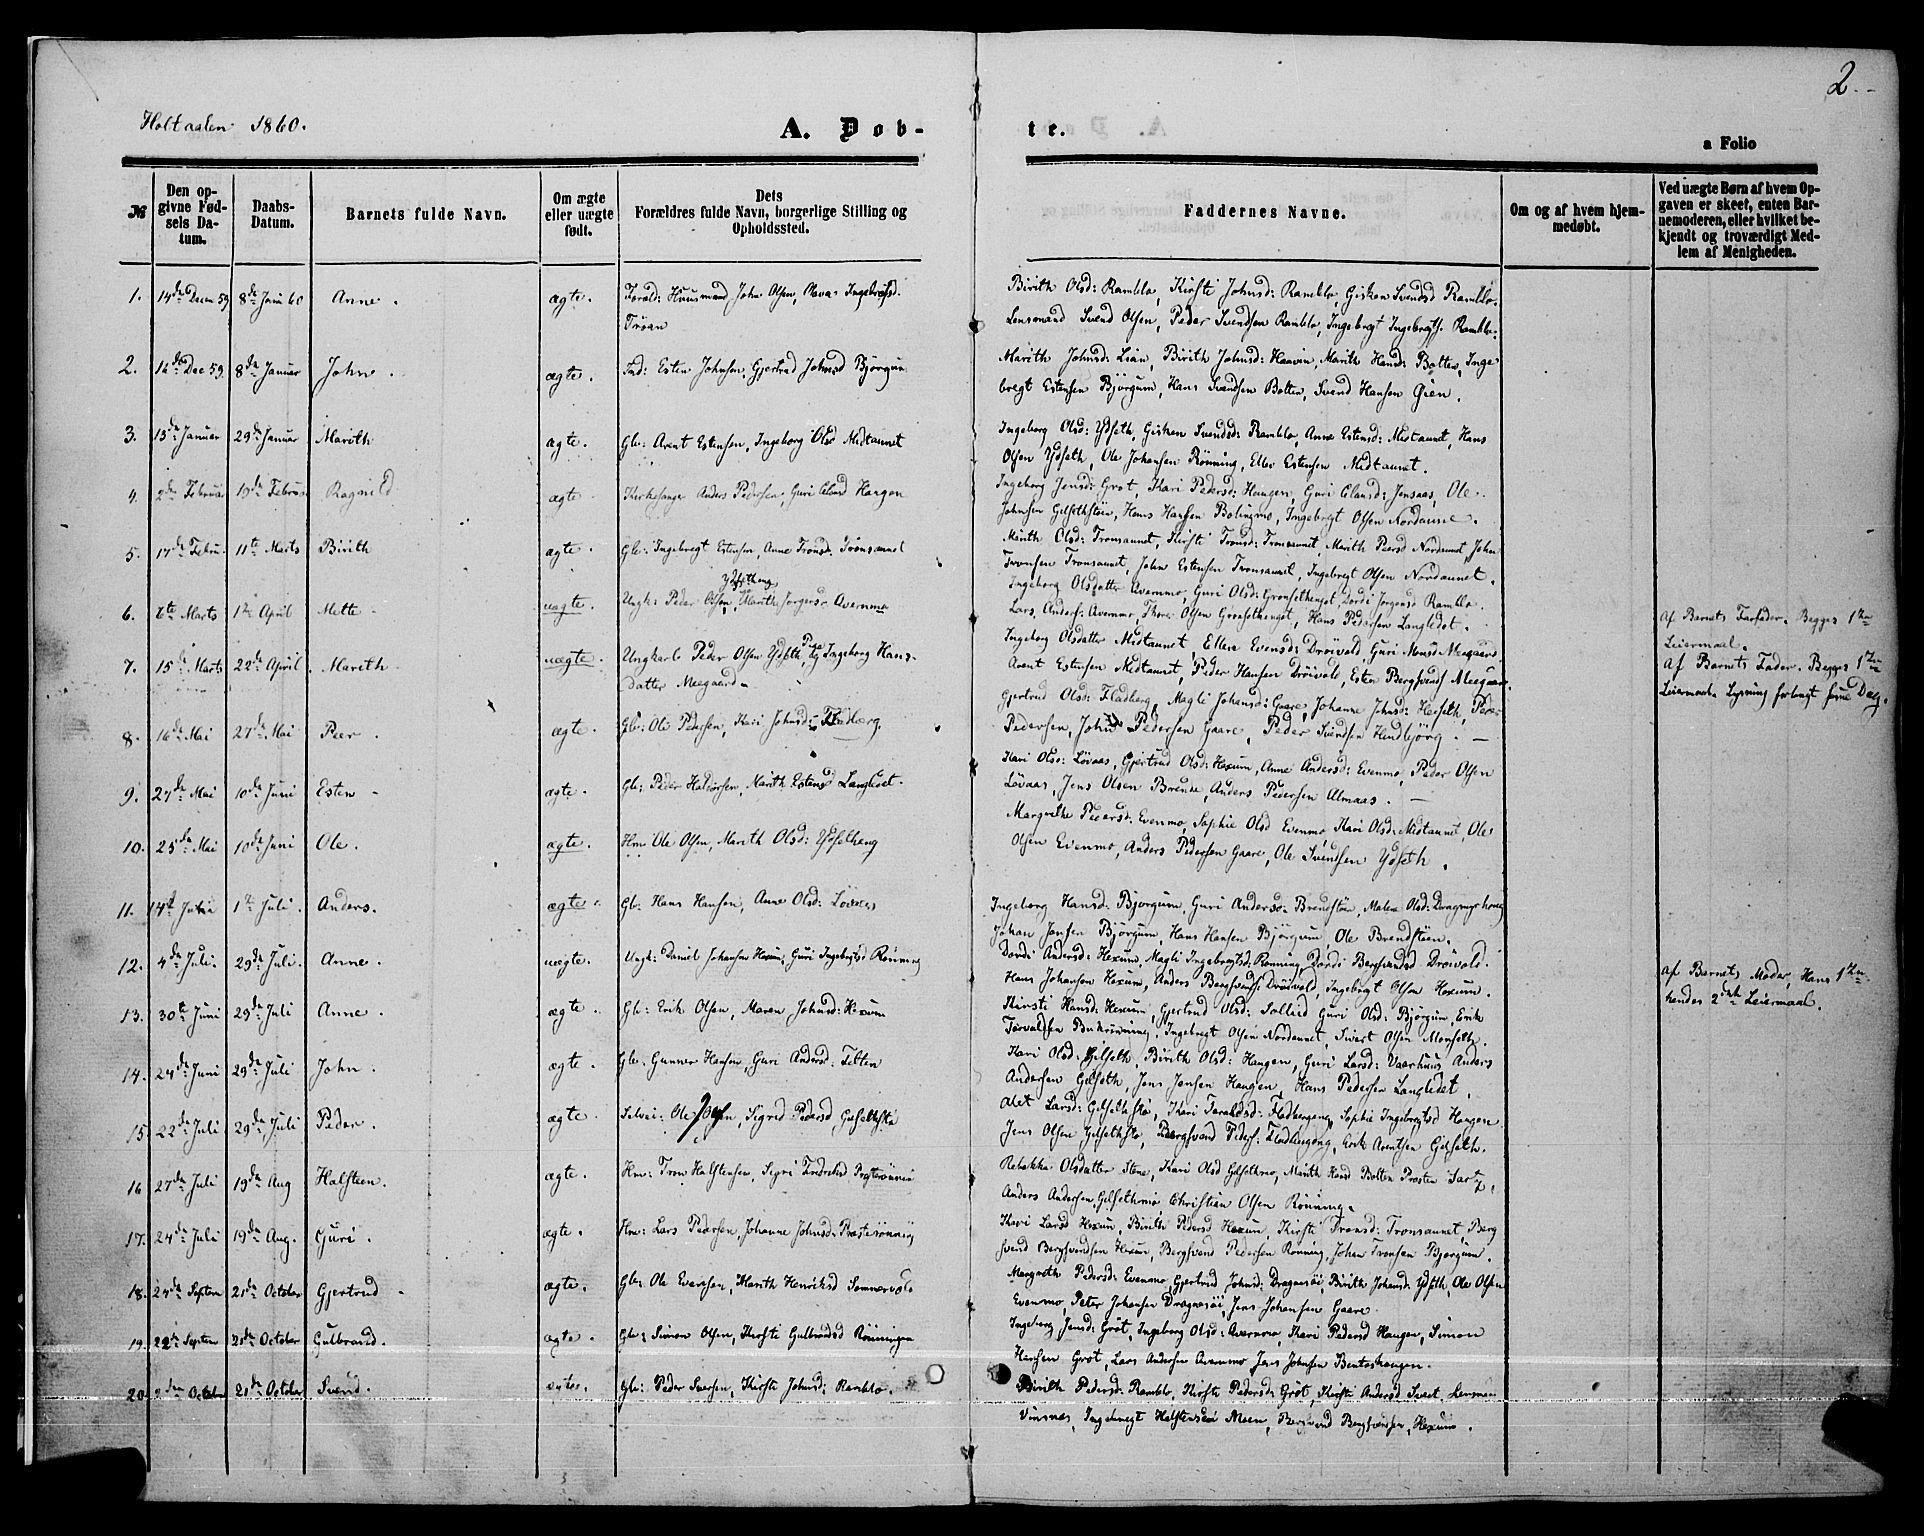 SAT, Ministerialprotokoller, klokkerbøker og fødselsregistre - Sør-Trøndelag, 685/L0966: Ministerialbok nr. 685A07 /1, 1860-1869, s. 2